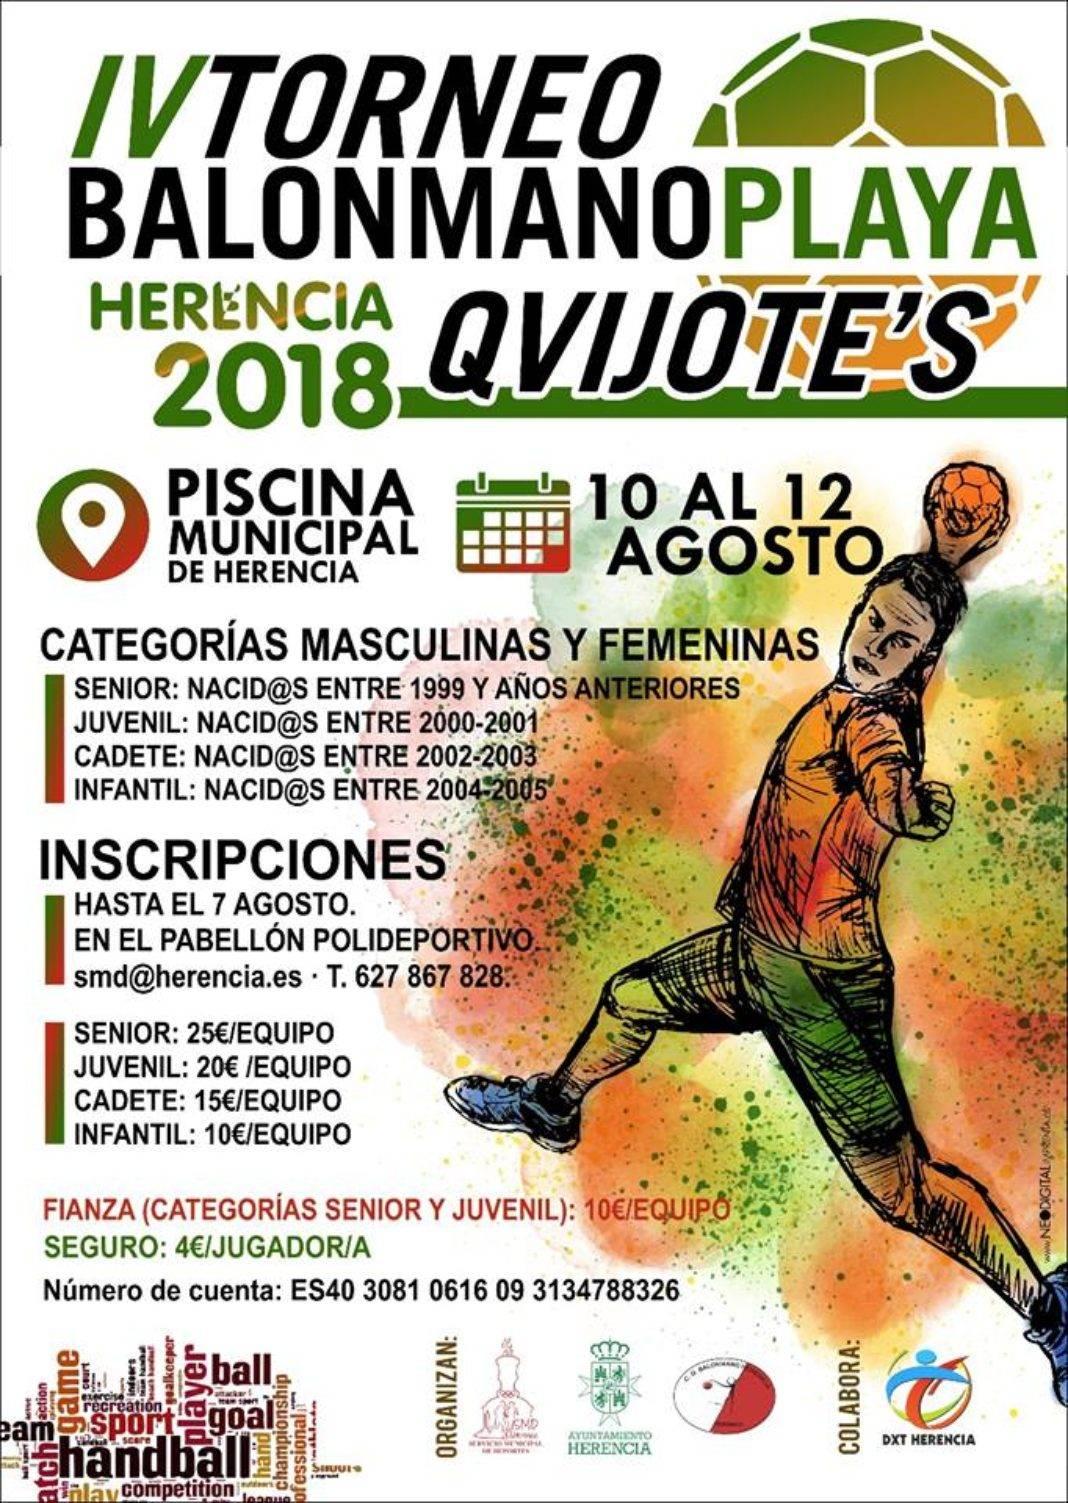 IV Torneo de Balonmano Playa de Herencia 1068x1503 - IV Torneo de balonmano playa de Herencia